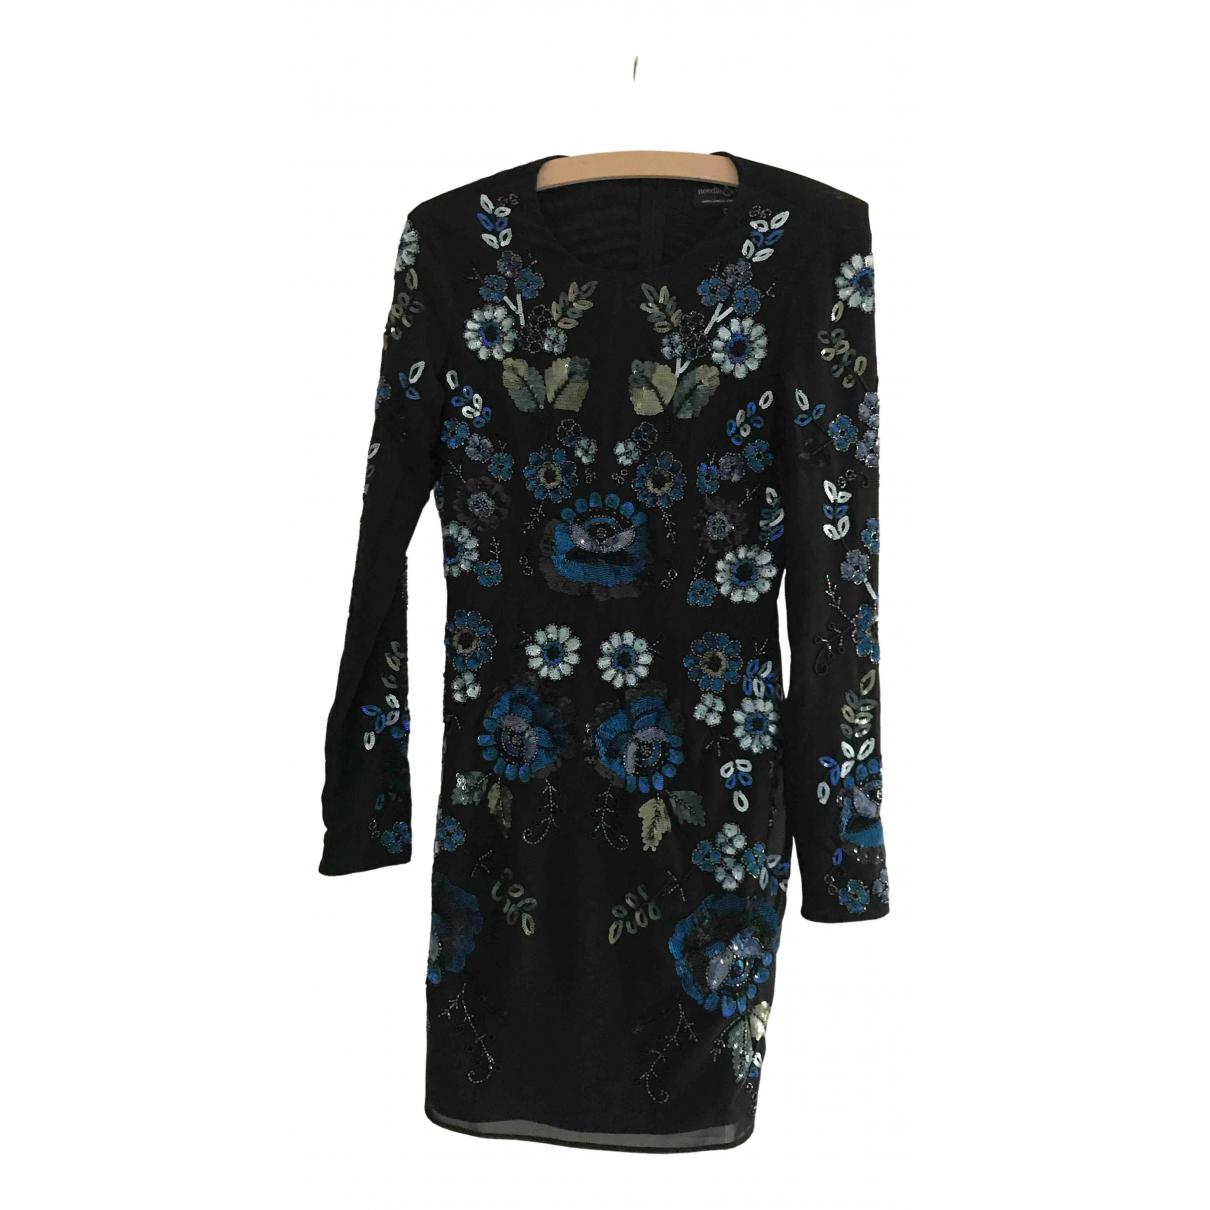 Needle & Thread \N Kleid in  Schwarz Polyester